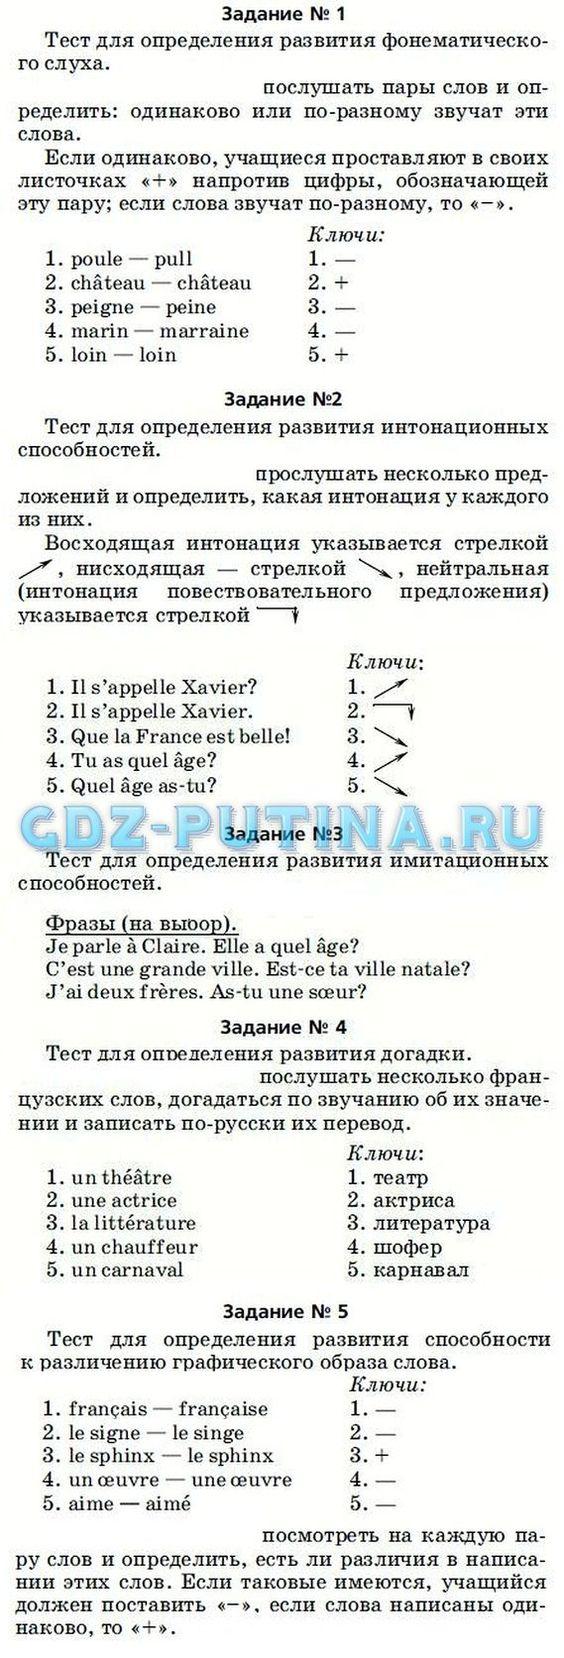 Домашнее задание по математике 1 часть 5 класс лаготин чеботаревский